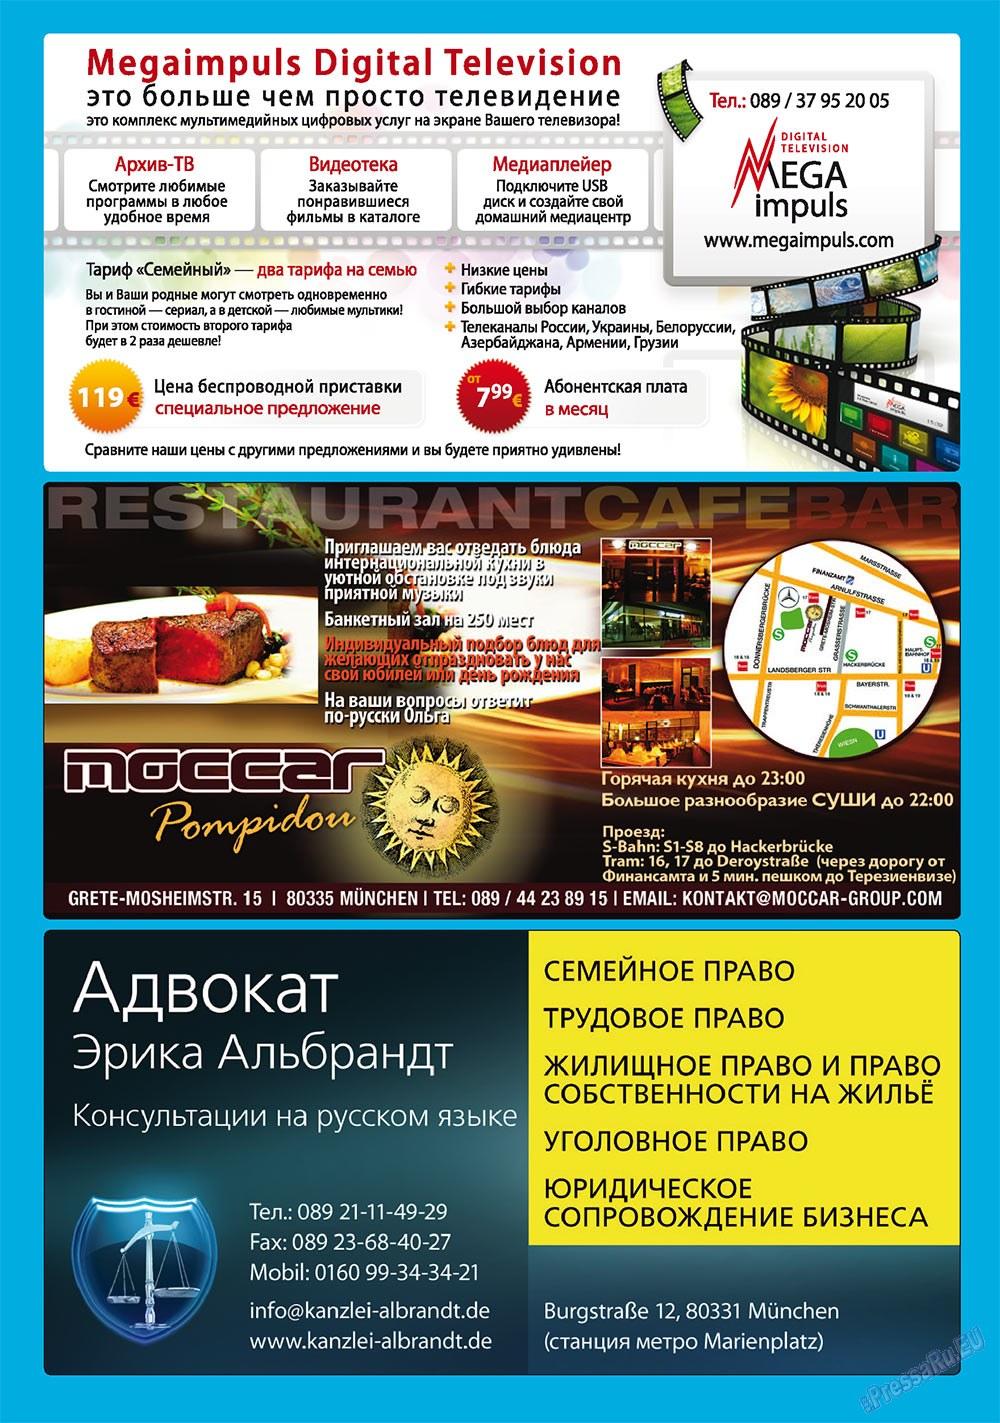 Апельсин (журнал). 2011 год, номер 19, стр. 2